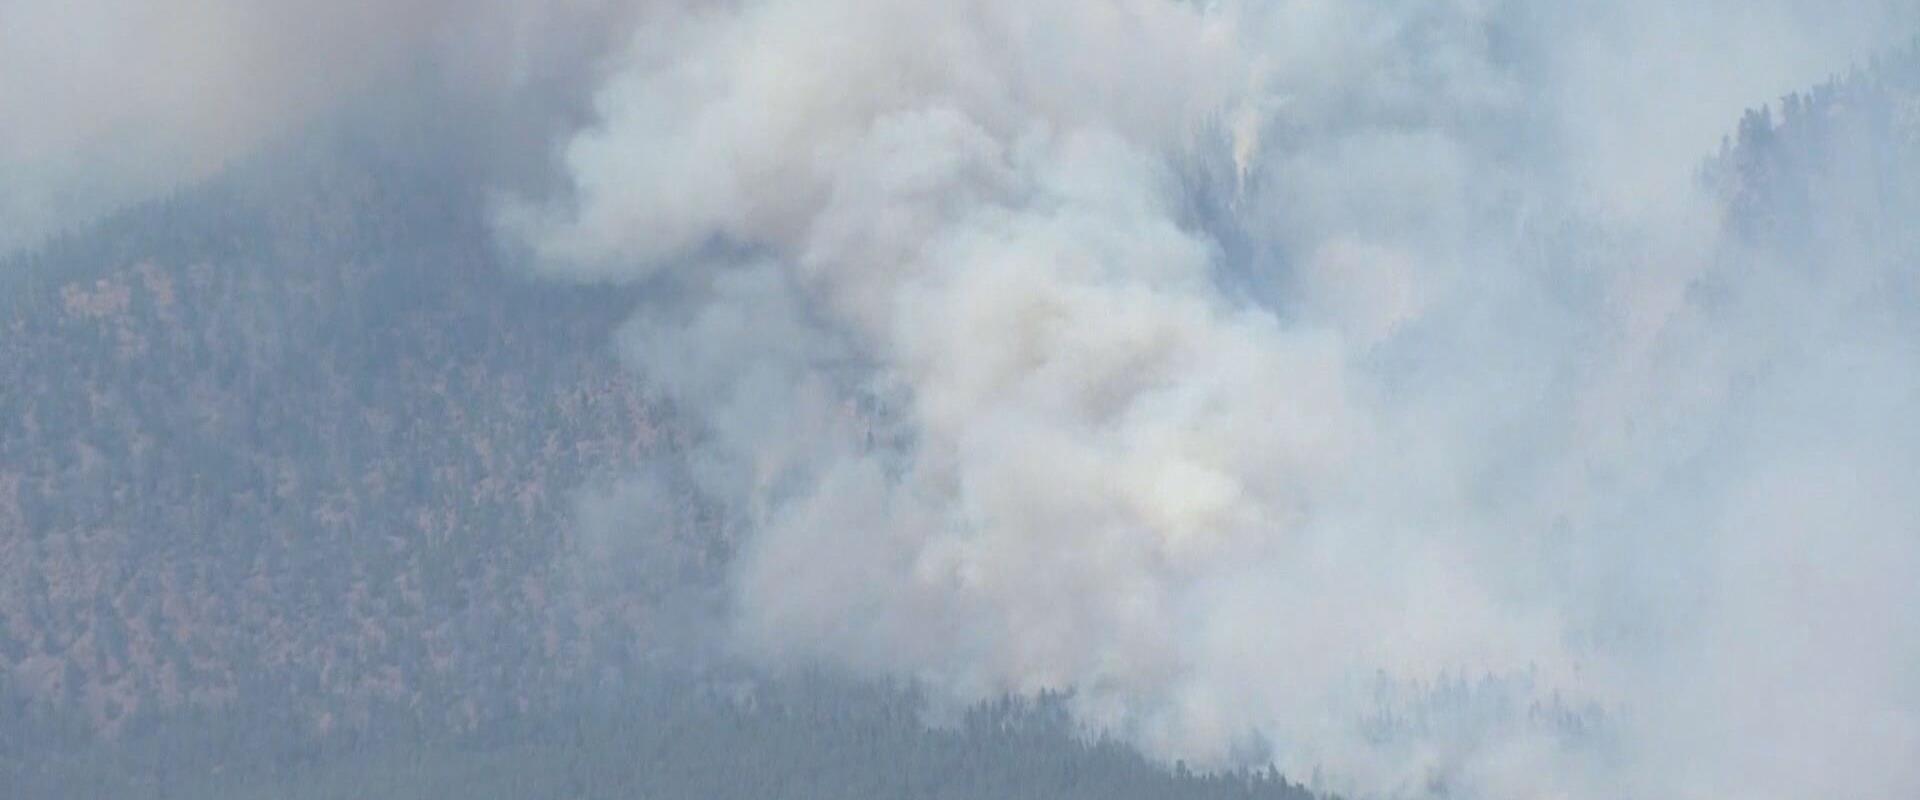 שריפות בקנדה, בסוף השבוע